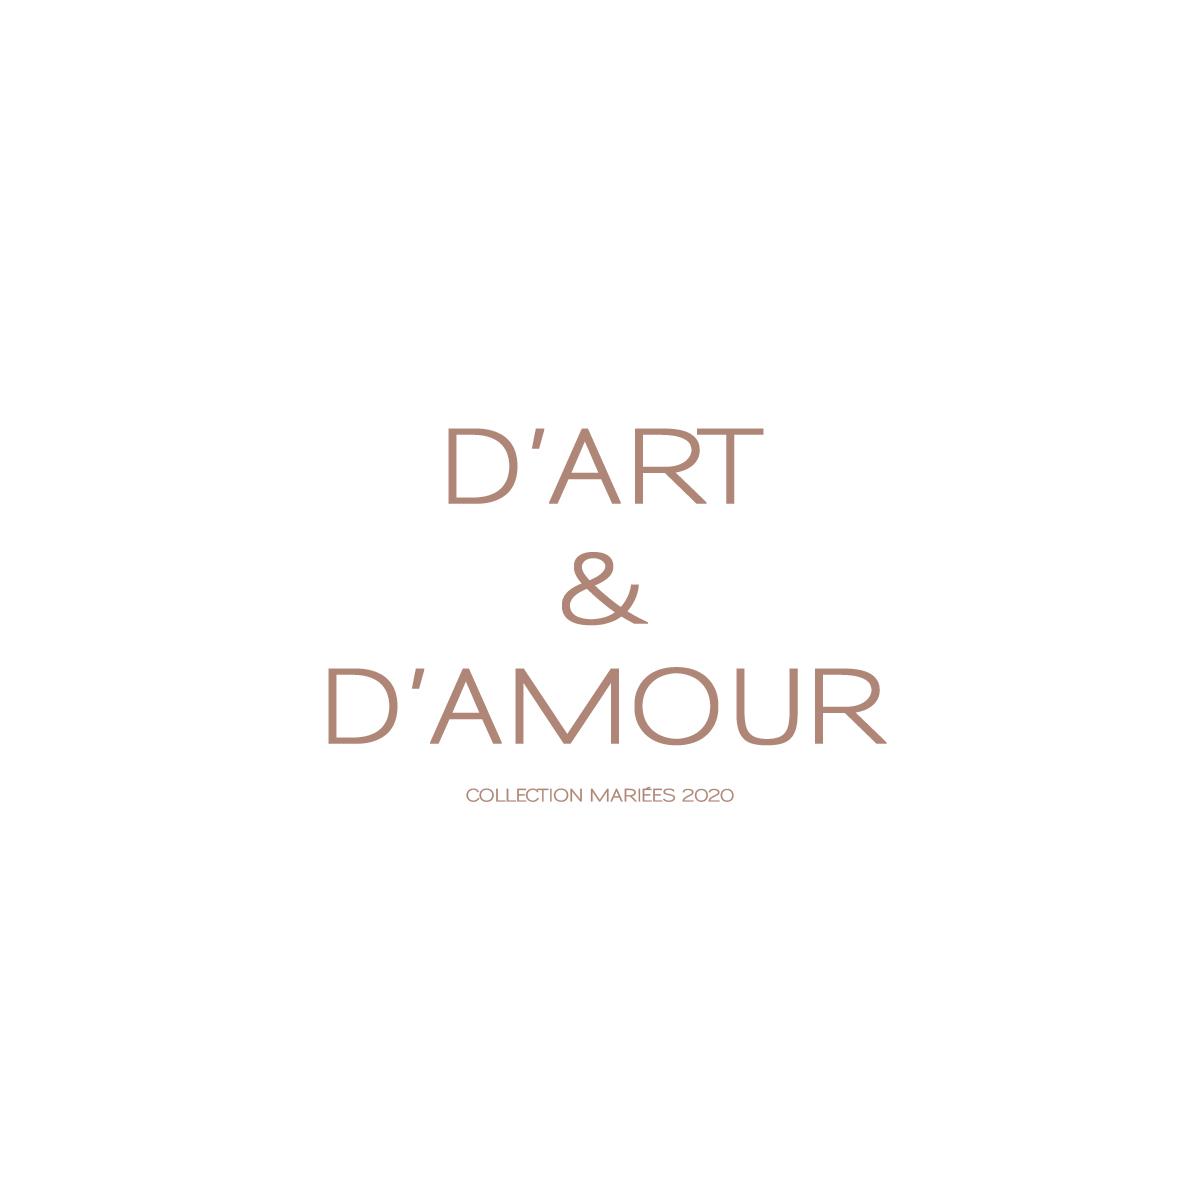 D'ART & D'AMOUR - FABIENNE DIMANOV MARIAGE